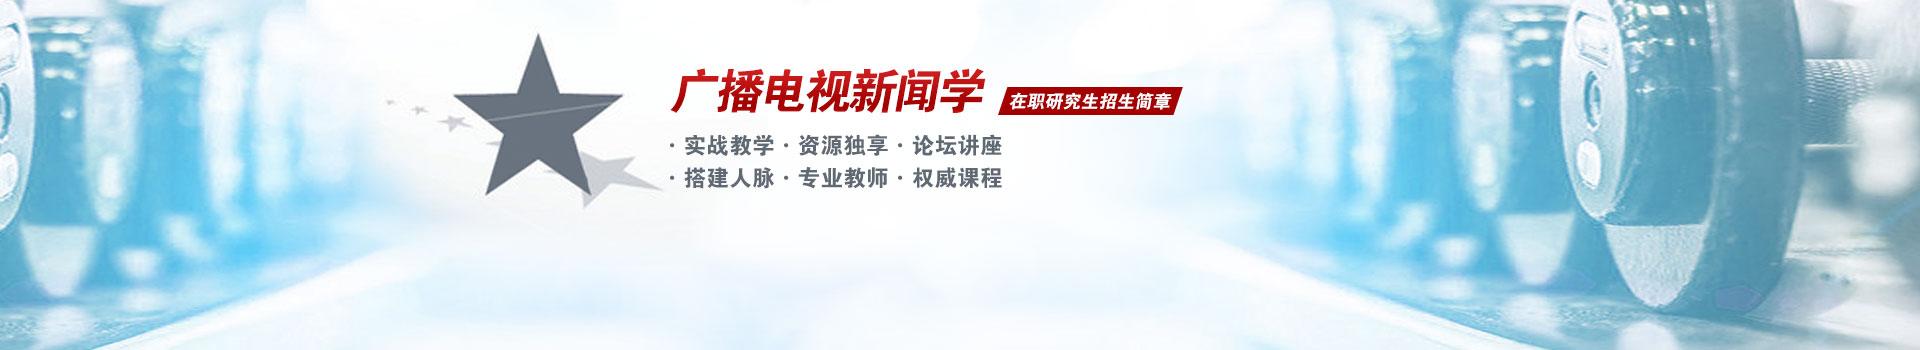 中国传媒大学(广播电视新闻学专业)在职研究生招生简章